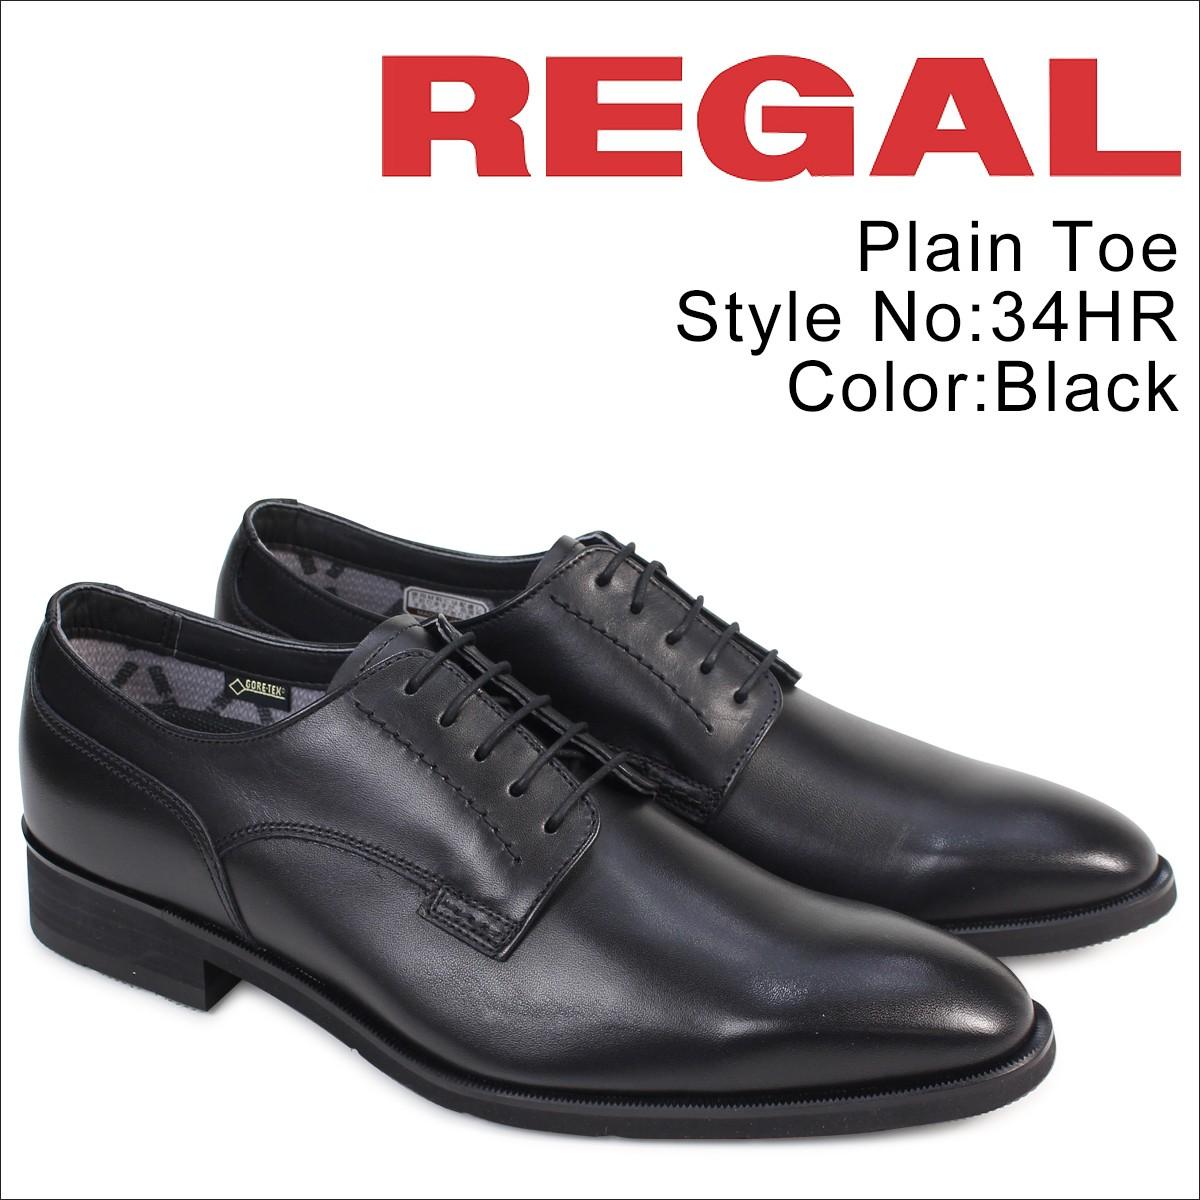 リーガル 靴 メンズ REGAL プレーントゥ 34HRBB ビジネスシューズ 防水 日本製 ブラック [1/13 追加入荷]